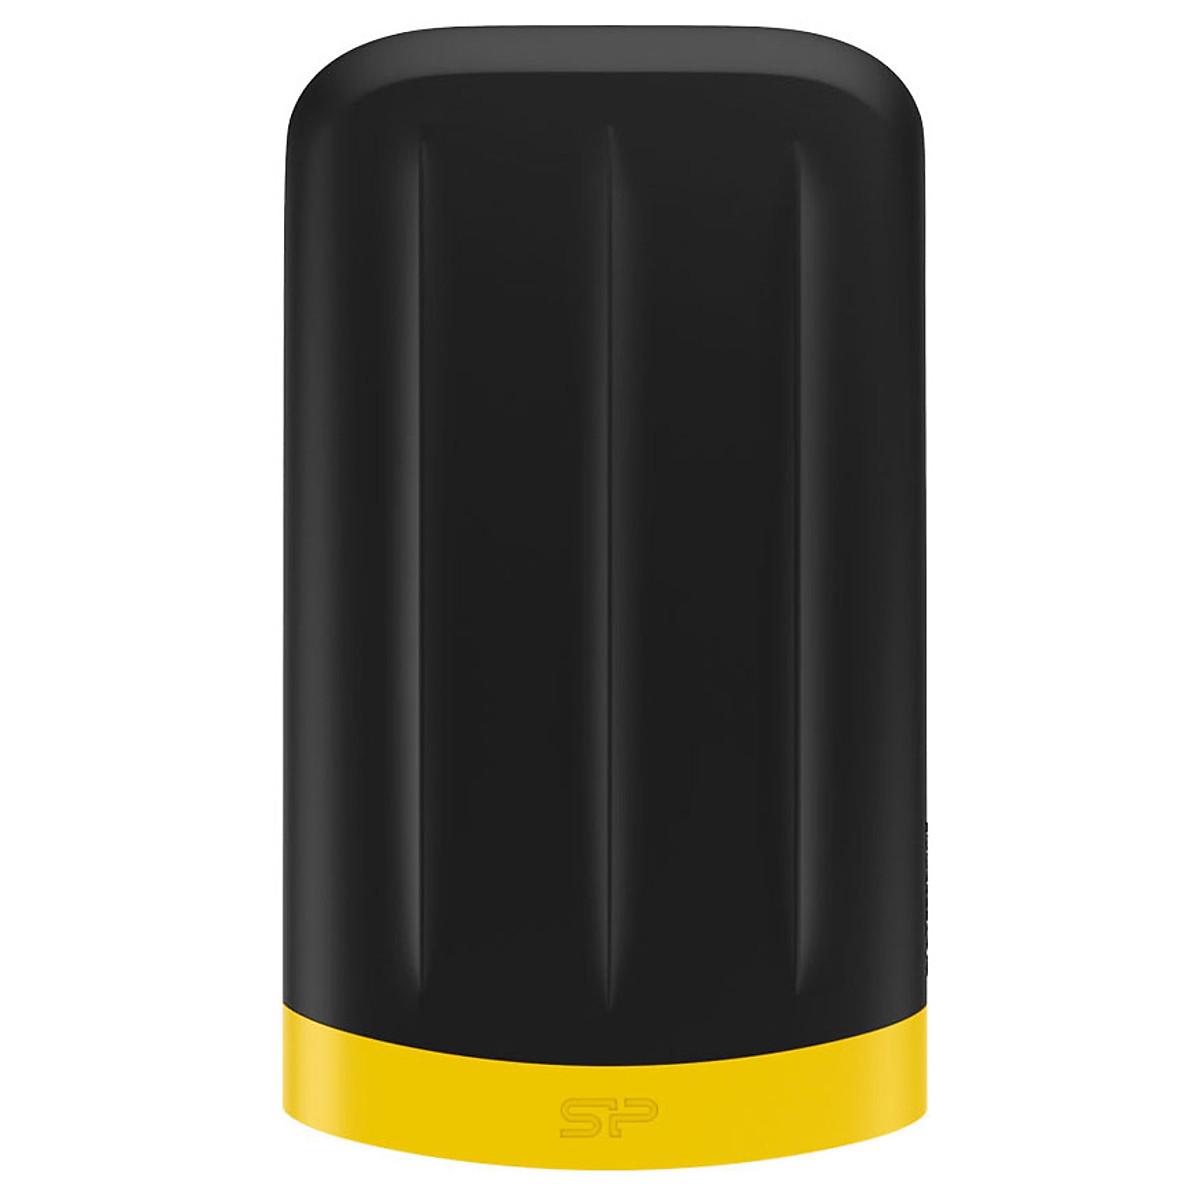 Ổ Cứng Silicon Power Armor A65 1TB – Hàng Chính Hãng